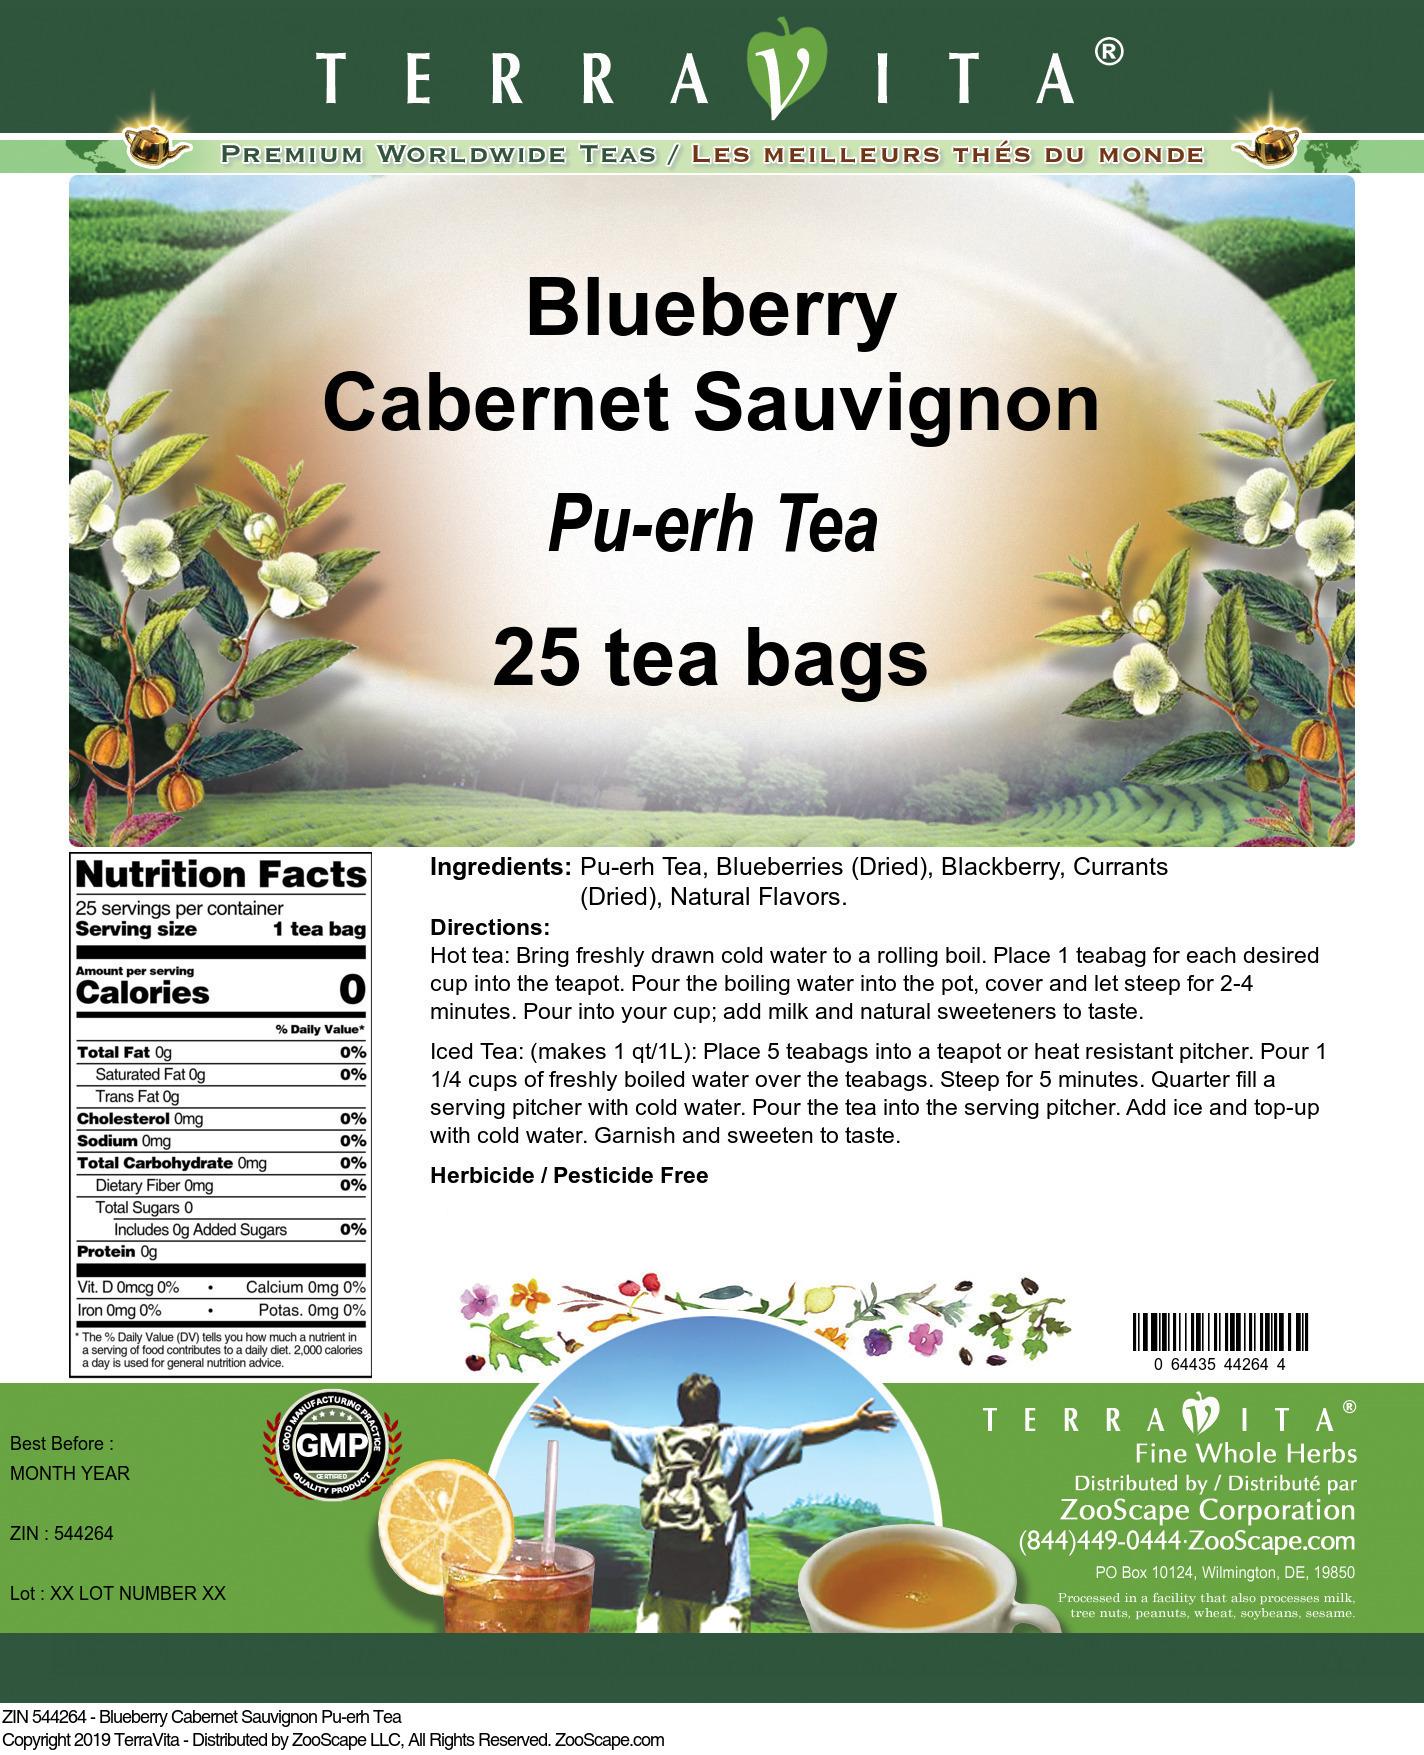 Blueberry Cabernet Sauvignon Pu-erh Tea